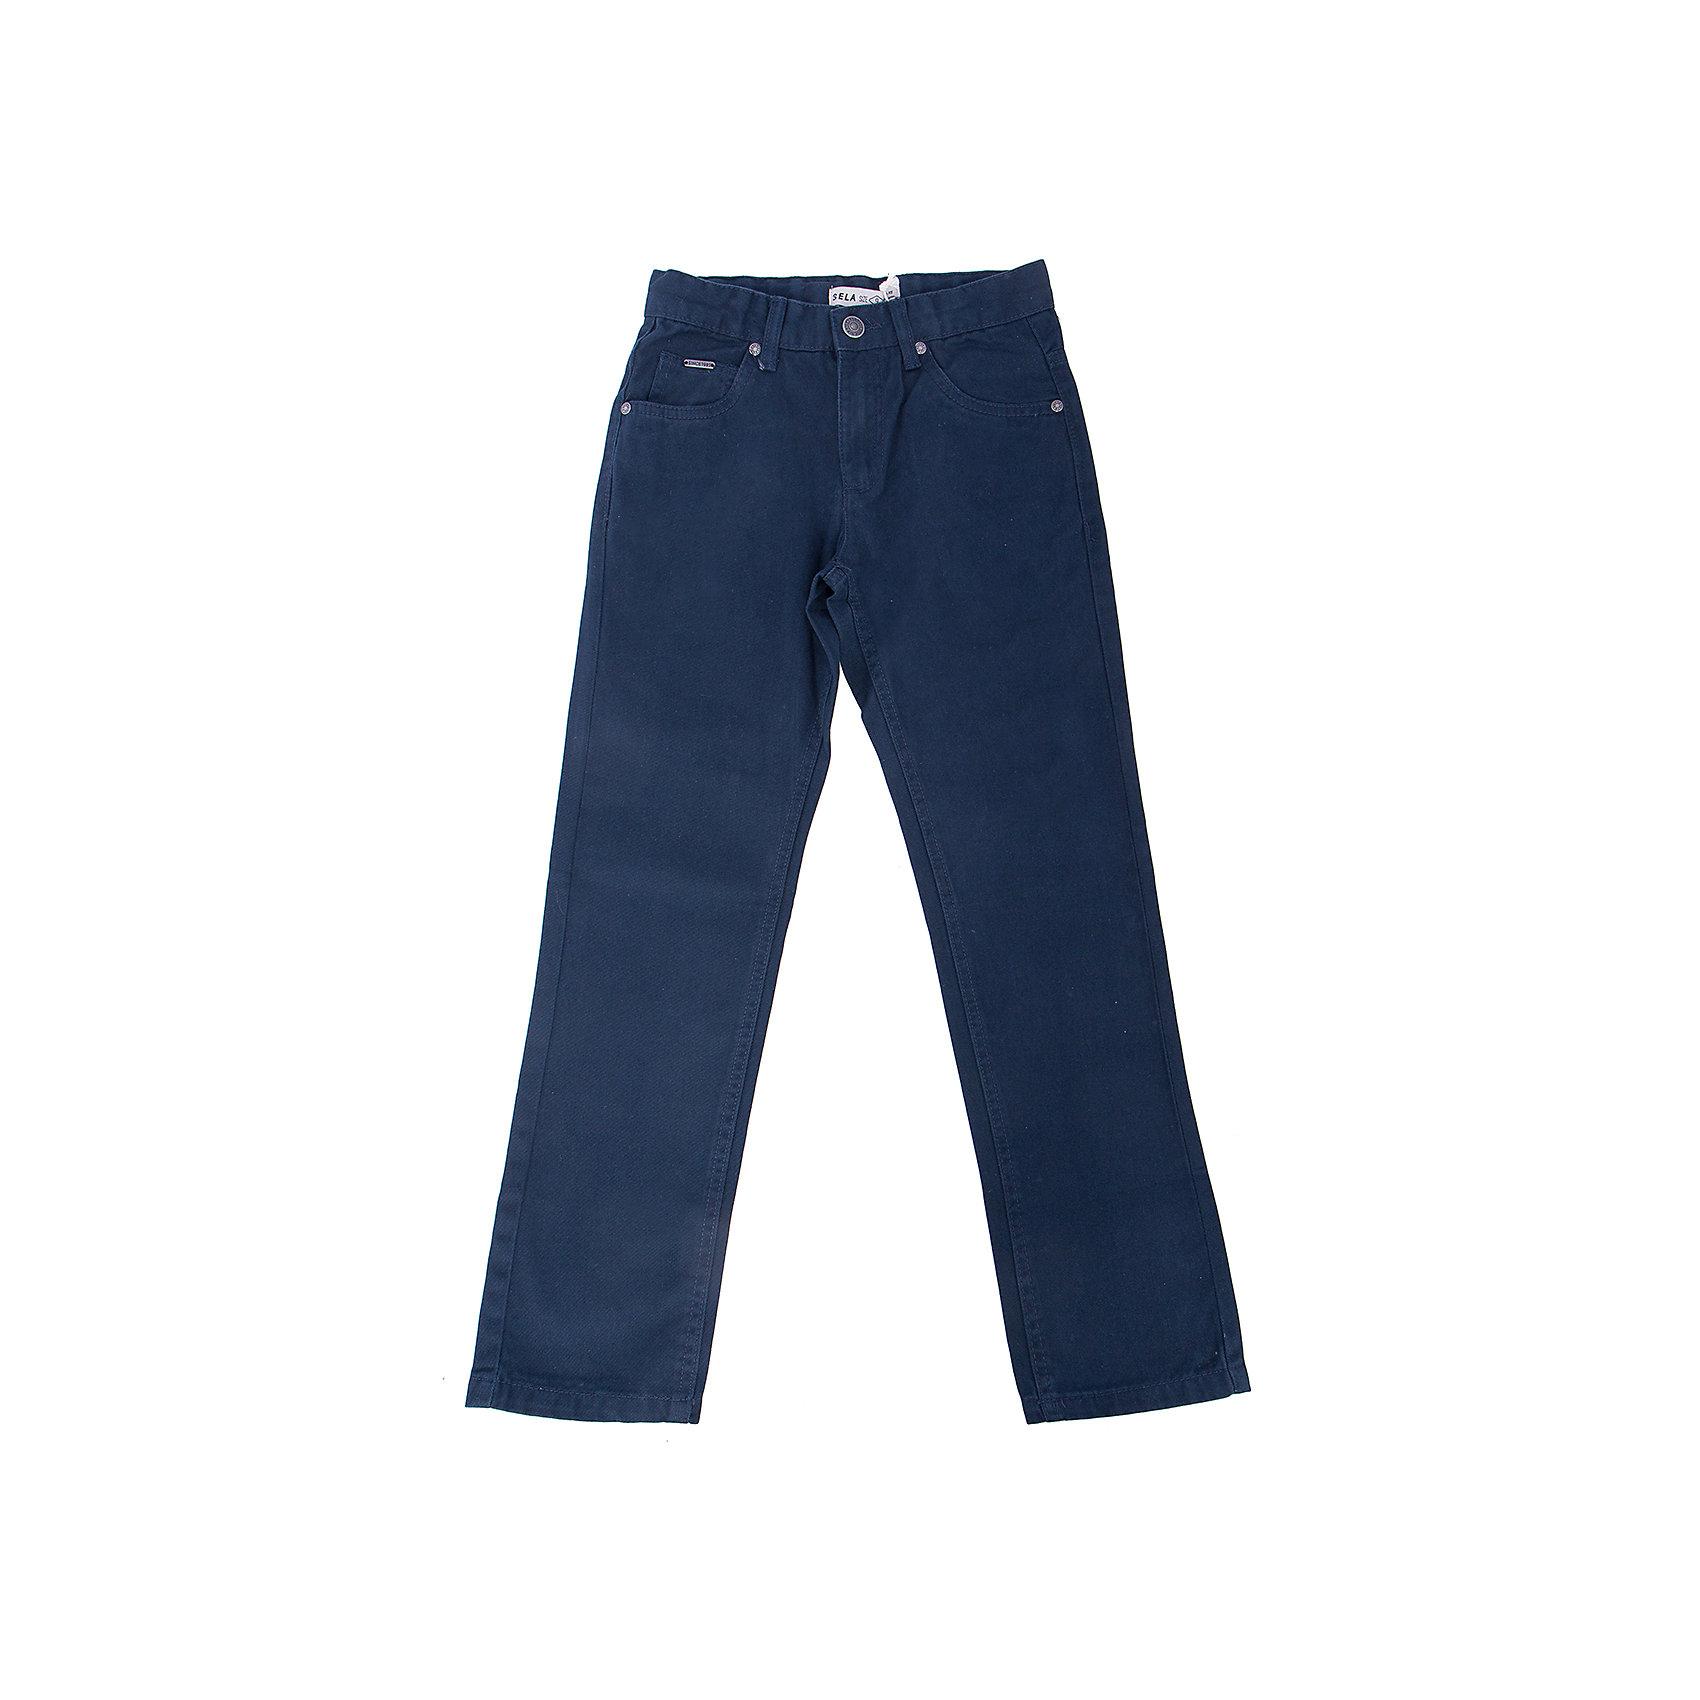 Брюки для мальчика SELAБрюки<br>Брюки для мальчика из коллекции осень-зима 2016-2017 от известного бренда SELA. Стильные брюки на каждый день приятного темно-синего цвета сделаны из хлопка. Брюки на молнии, имеют классические 5 карманов, прекрасно подойдут как к рубашкам, так и к футболкам.<br><br>Дополнительная информация:<br>- Силуэт прямой <br><br>Состав: 100% хлопок <br><br>Брюки для мальчиков Sela можно купить в нашем интернет-магазине.<br>.<br>Подробнее:<br>• Для детей в возрасте: от 6 до 12 лет<br>• Номер товара: 4913220<br>Страна производитель: Бангладеш<br><br>Ширина мм: 215<br>Глубина мм: 88<br>Высота мм: 191<br>Вес г: 336<br>Цвет: синий<br>Возраст от месяцев: 60<br>Возраст до месяцев: 72<br>Пол: Мужской<br>Возраст: Детский<br>Размер: 116,122,146,140,152,128,134<br>SKU: 4913219